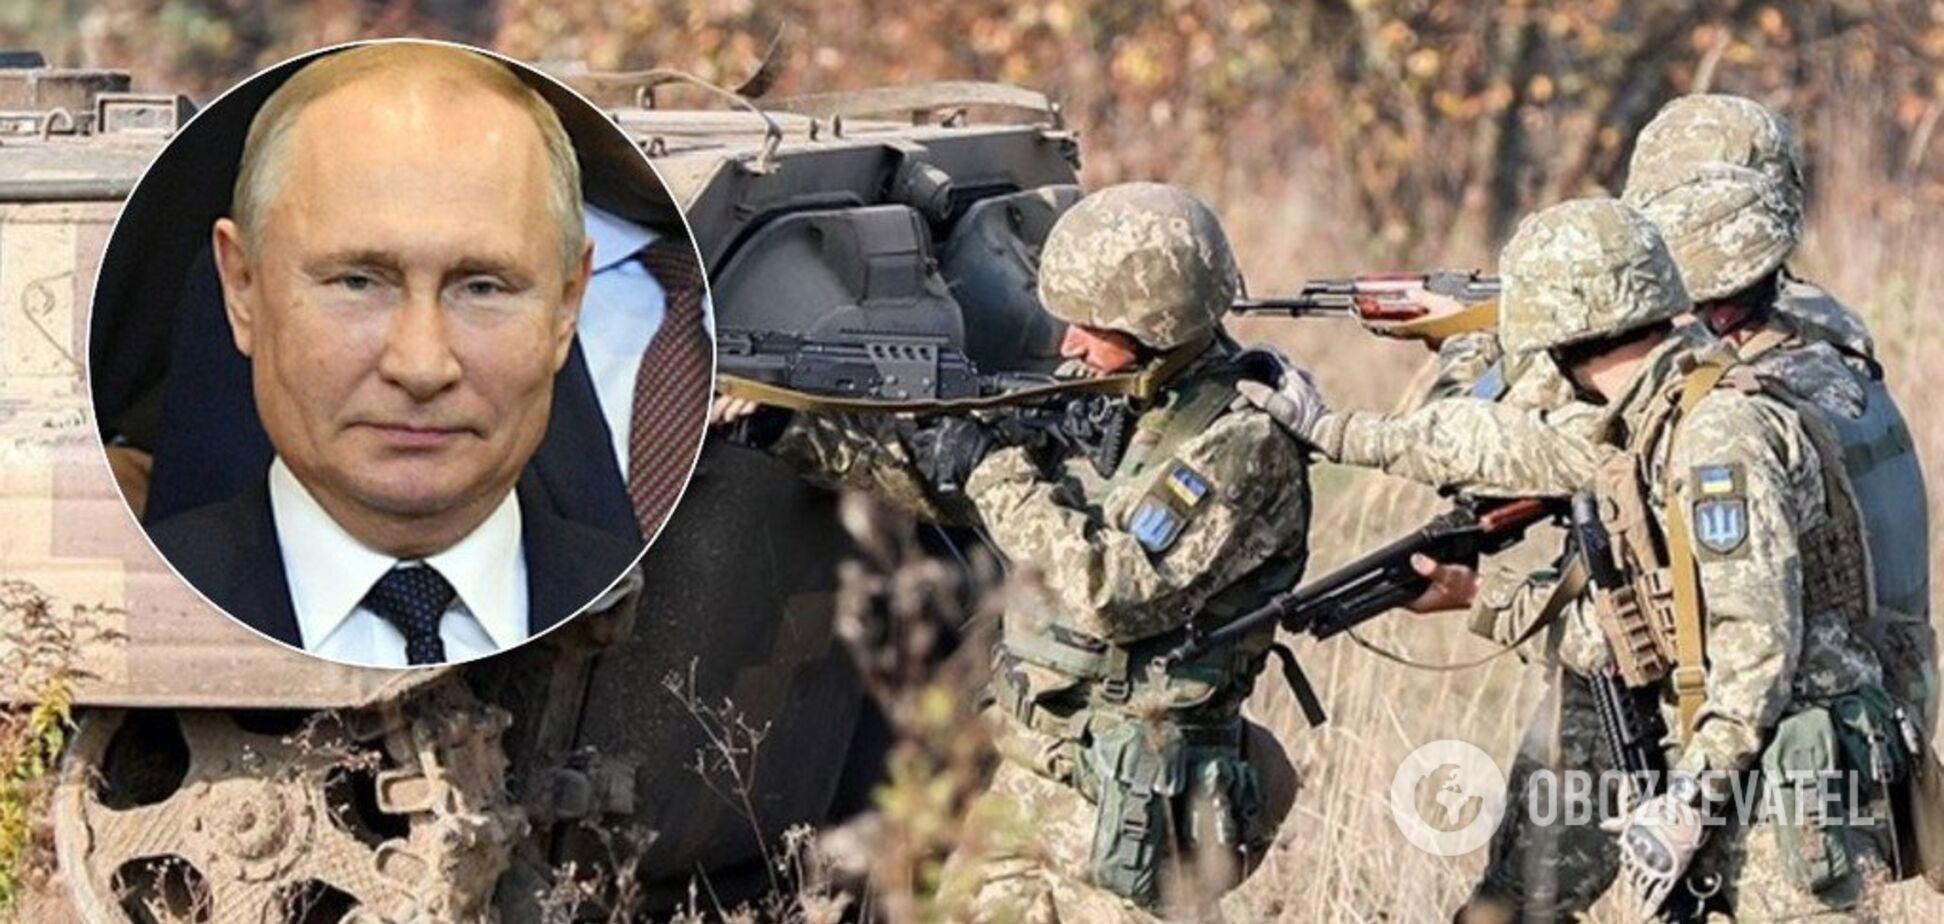 Нормандської зустрічі не буде: соратник Горбачова озвучив прогноз